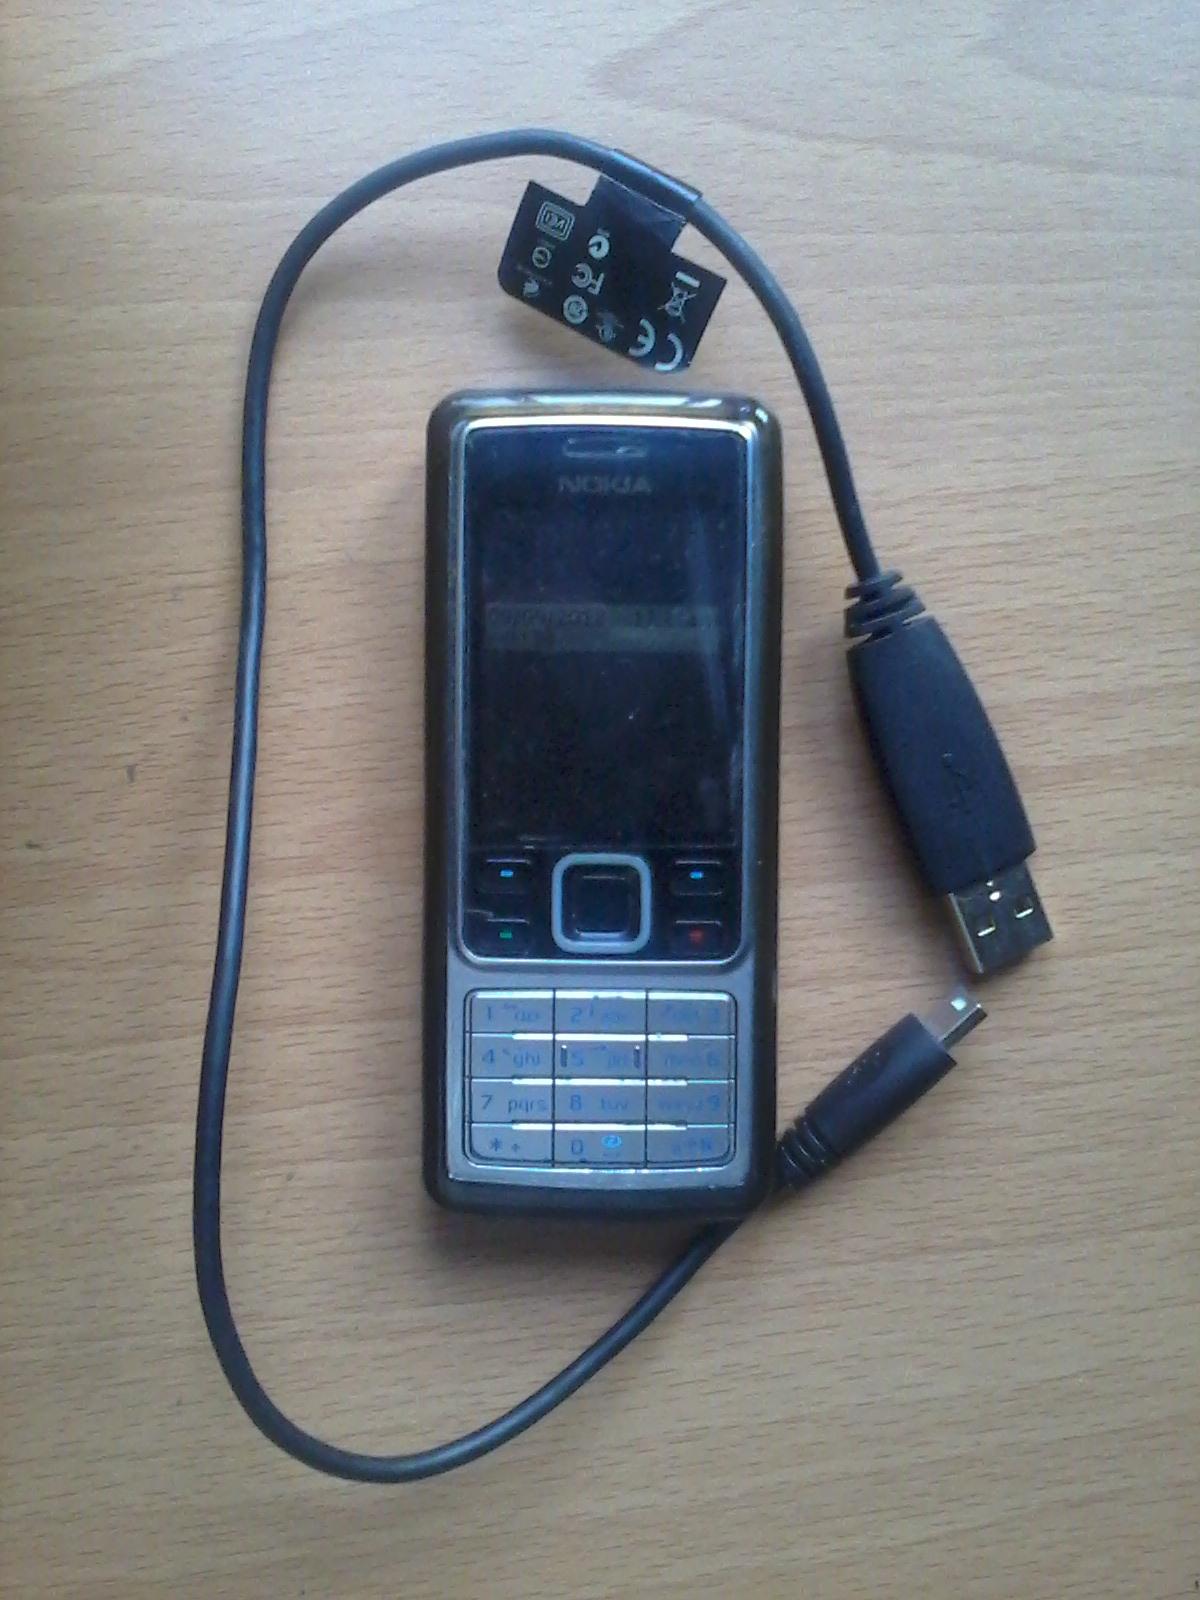 Скачиваем и устанавливаем драйвера для Nokia Connectivity Cable Driver и. П